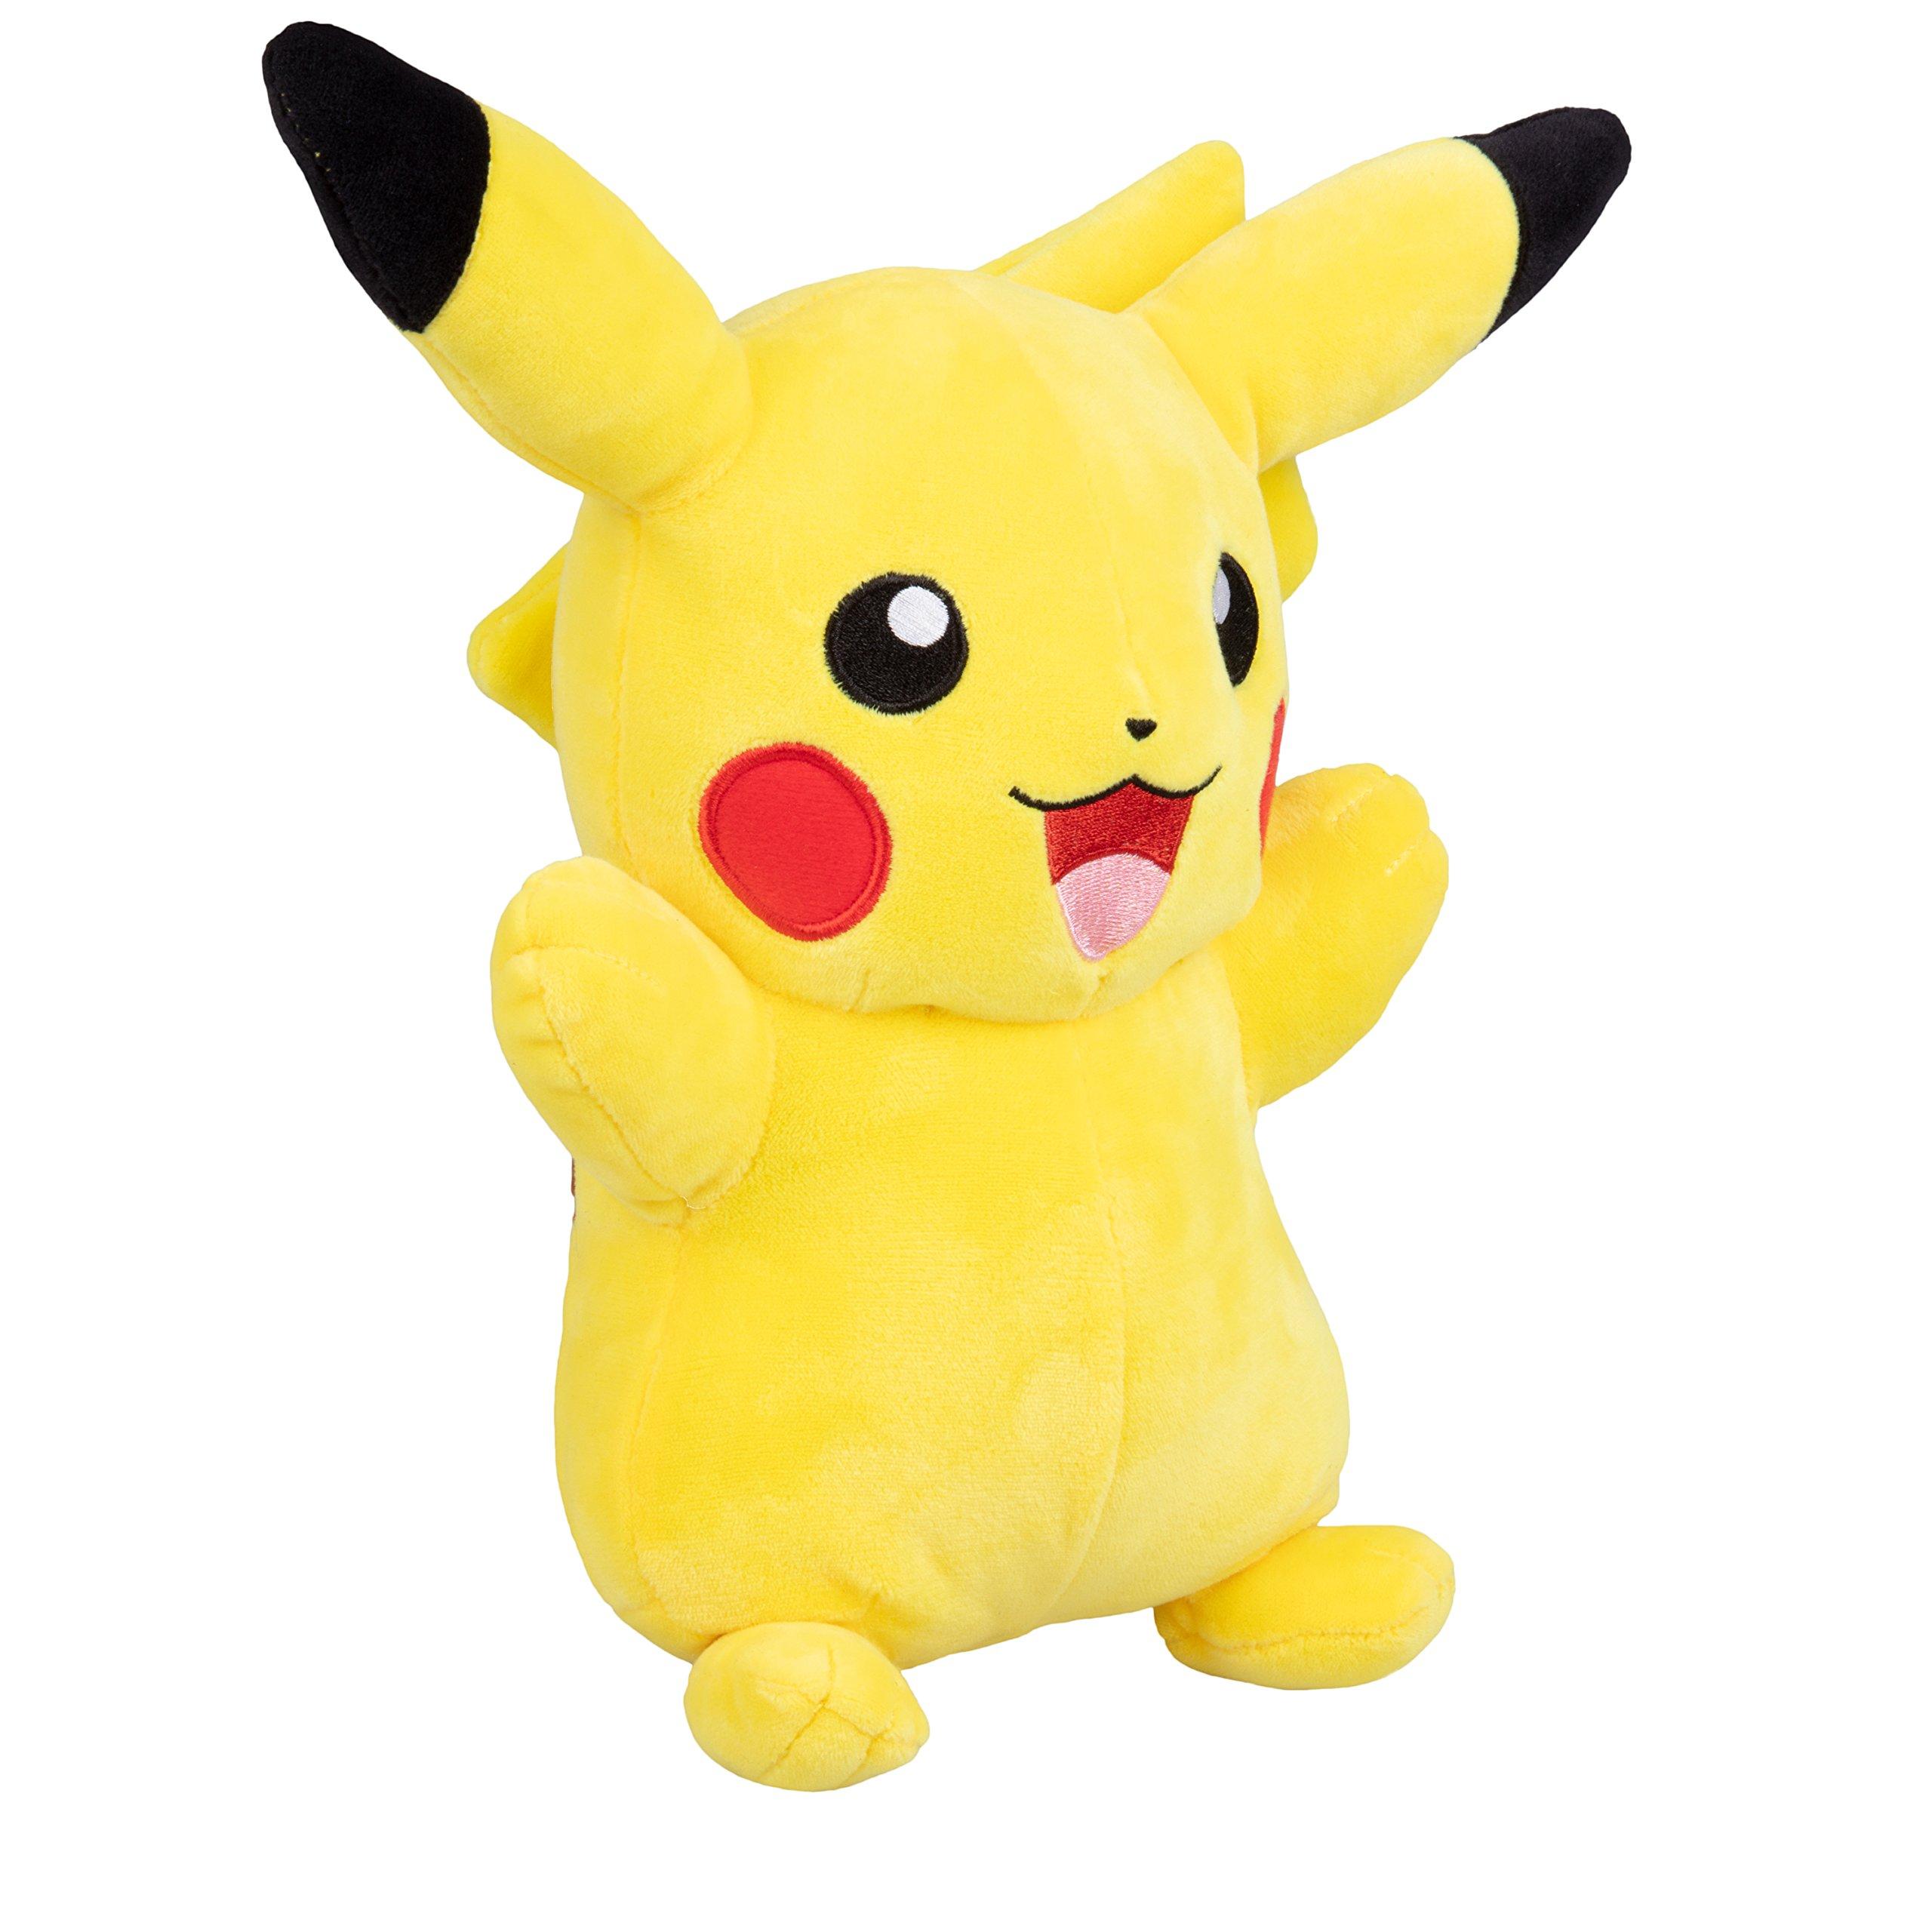 Pokemon Plush, Large 12'' Inch Plush Pikachu by Pokemon